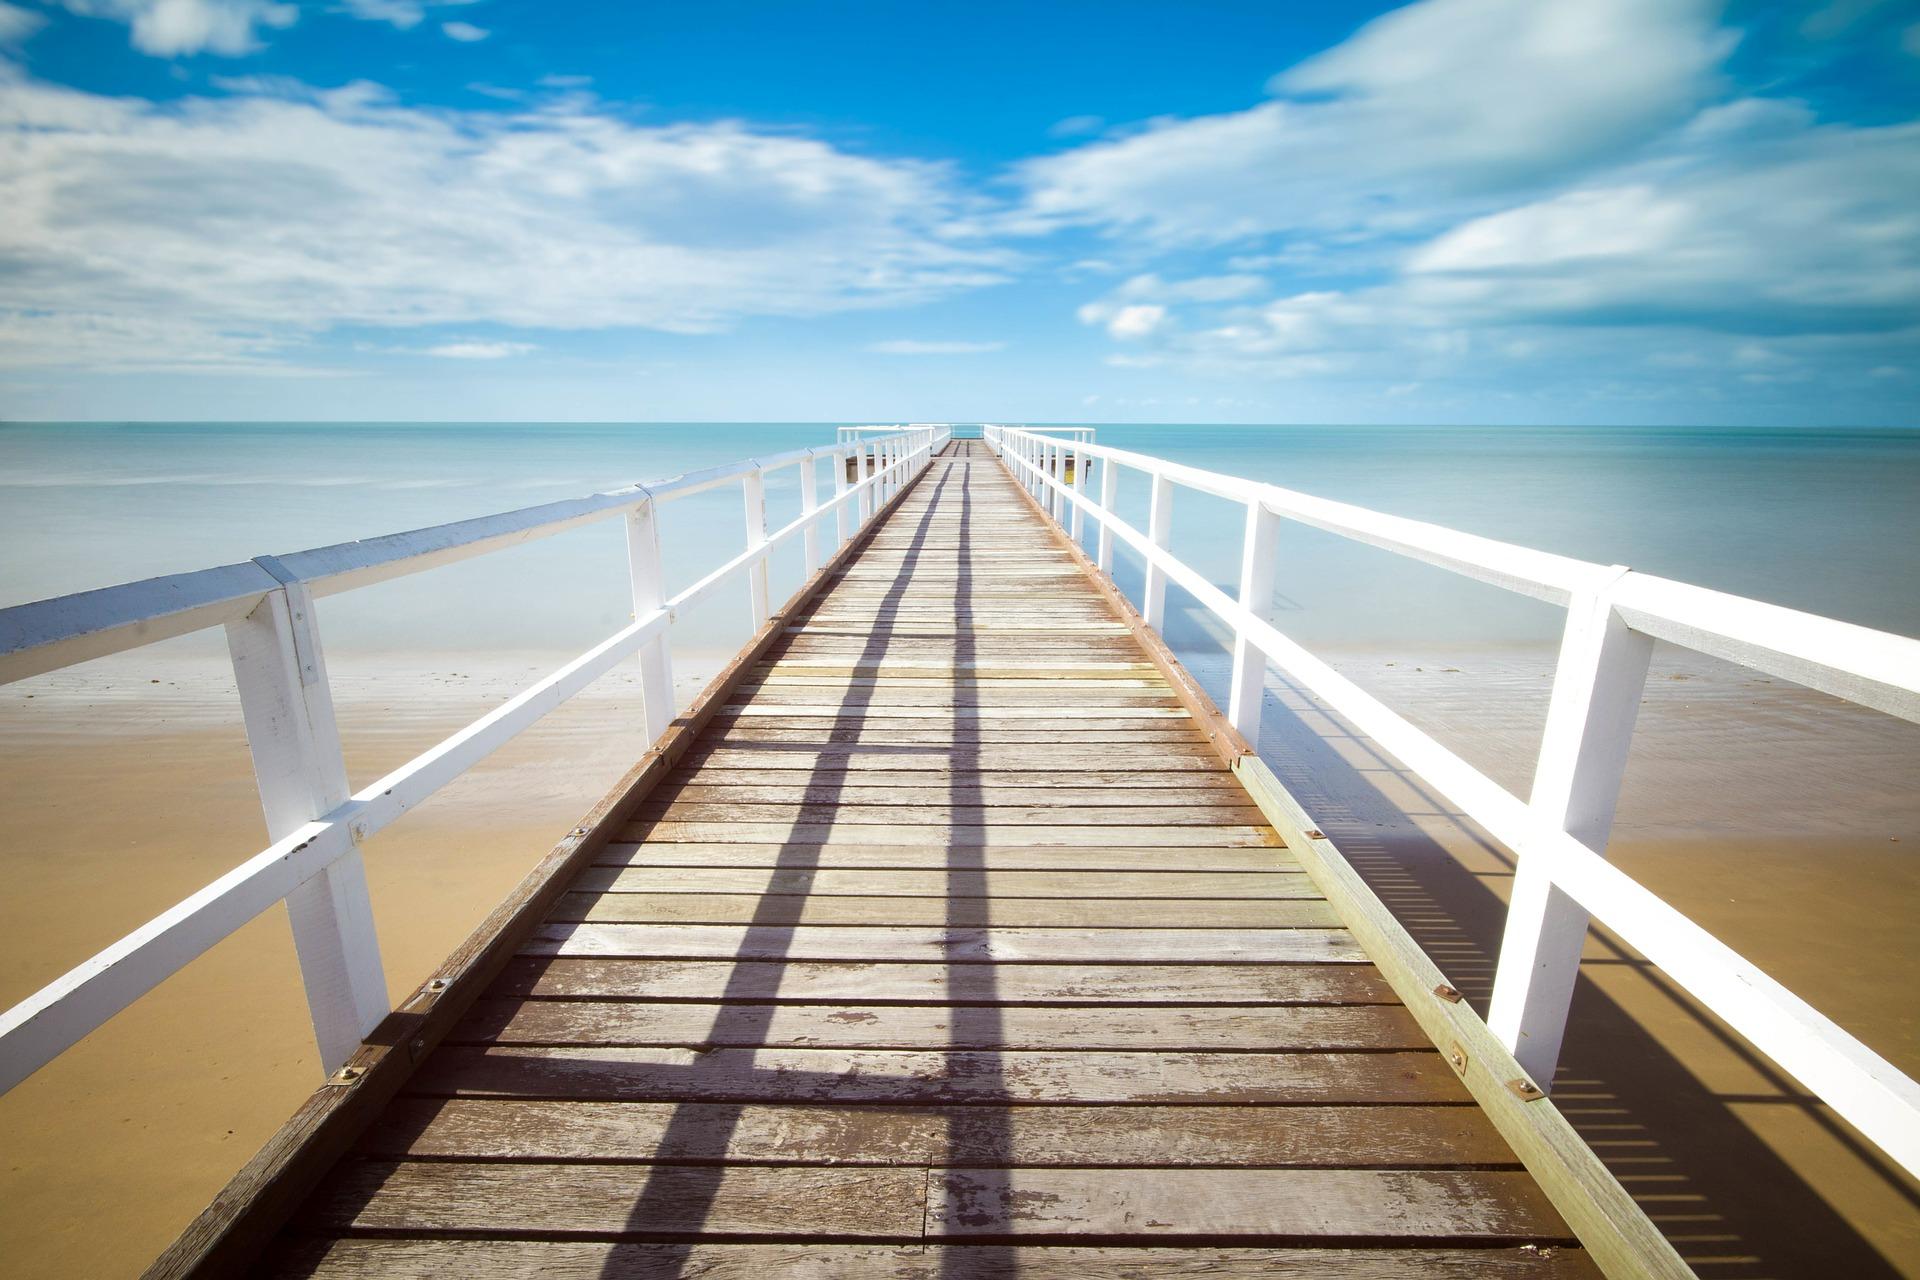 Un puente: ¿une o separa?